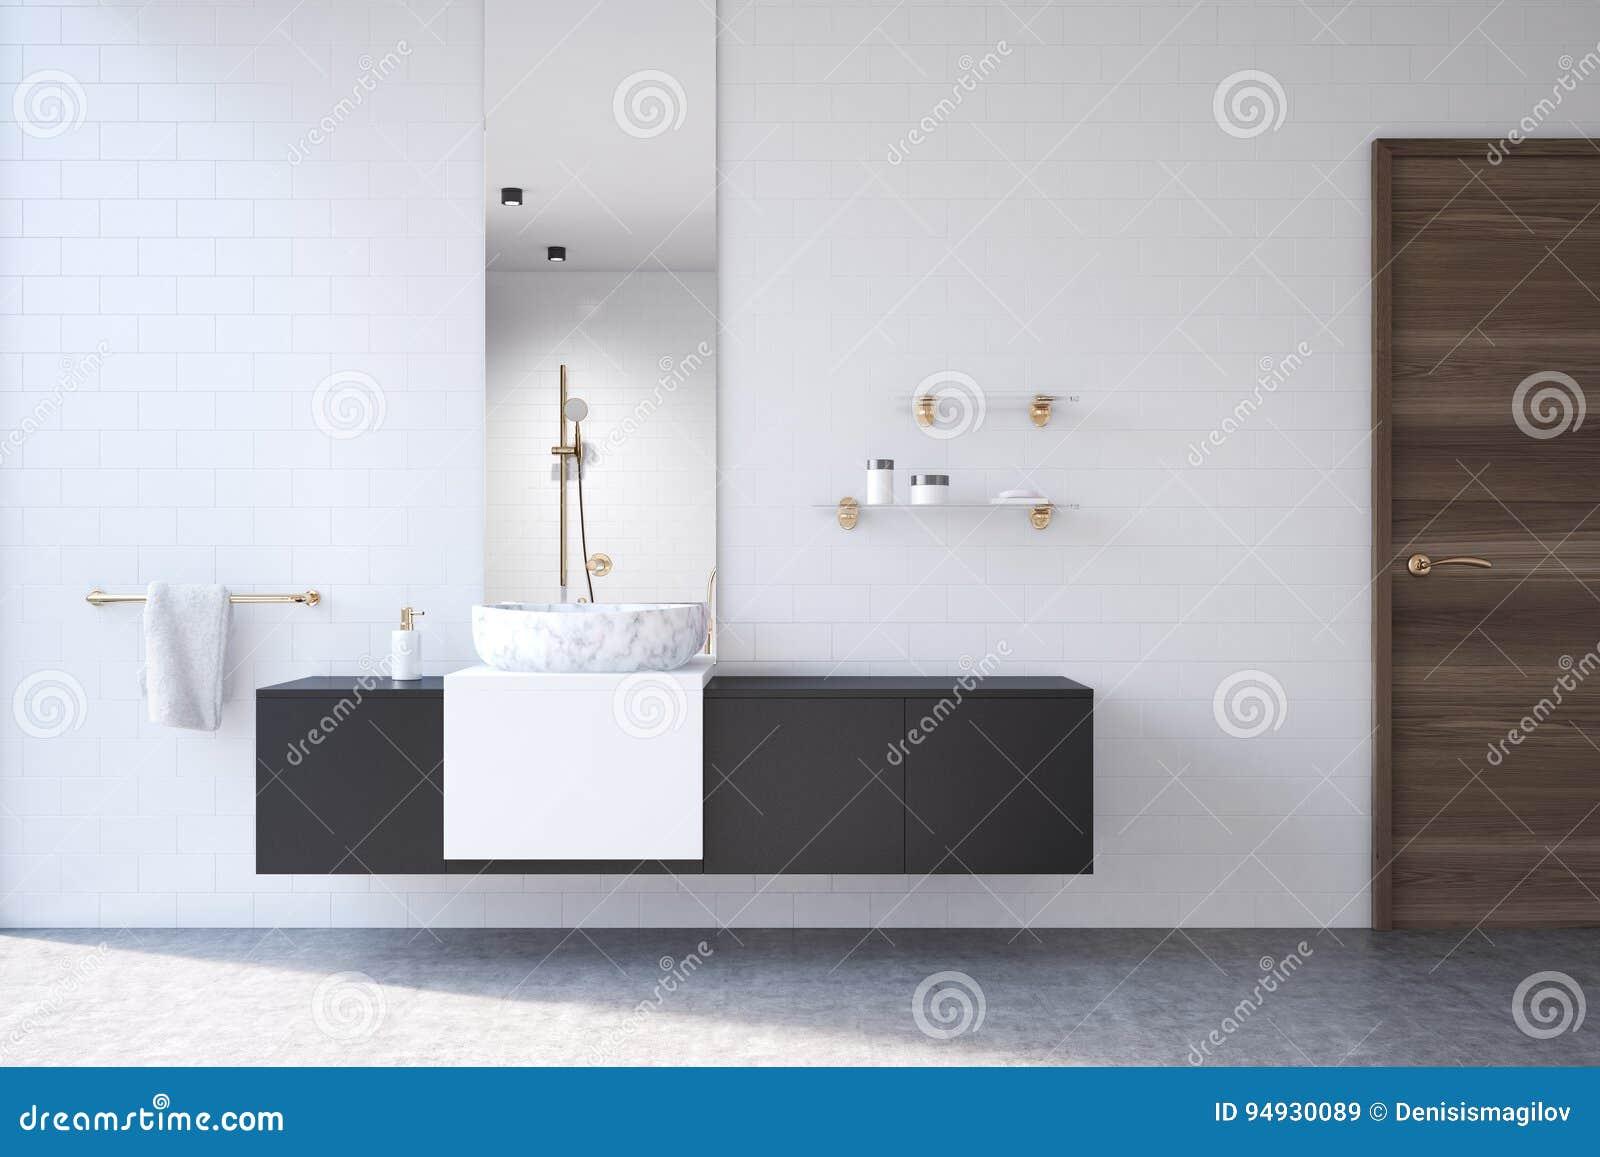 Salle De Bains Blanche étagère Noire Miroir Illustration Stock